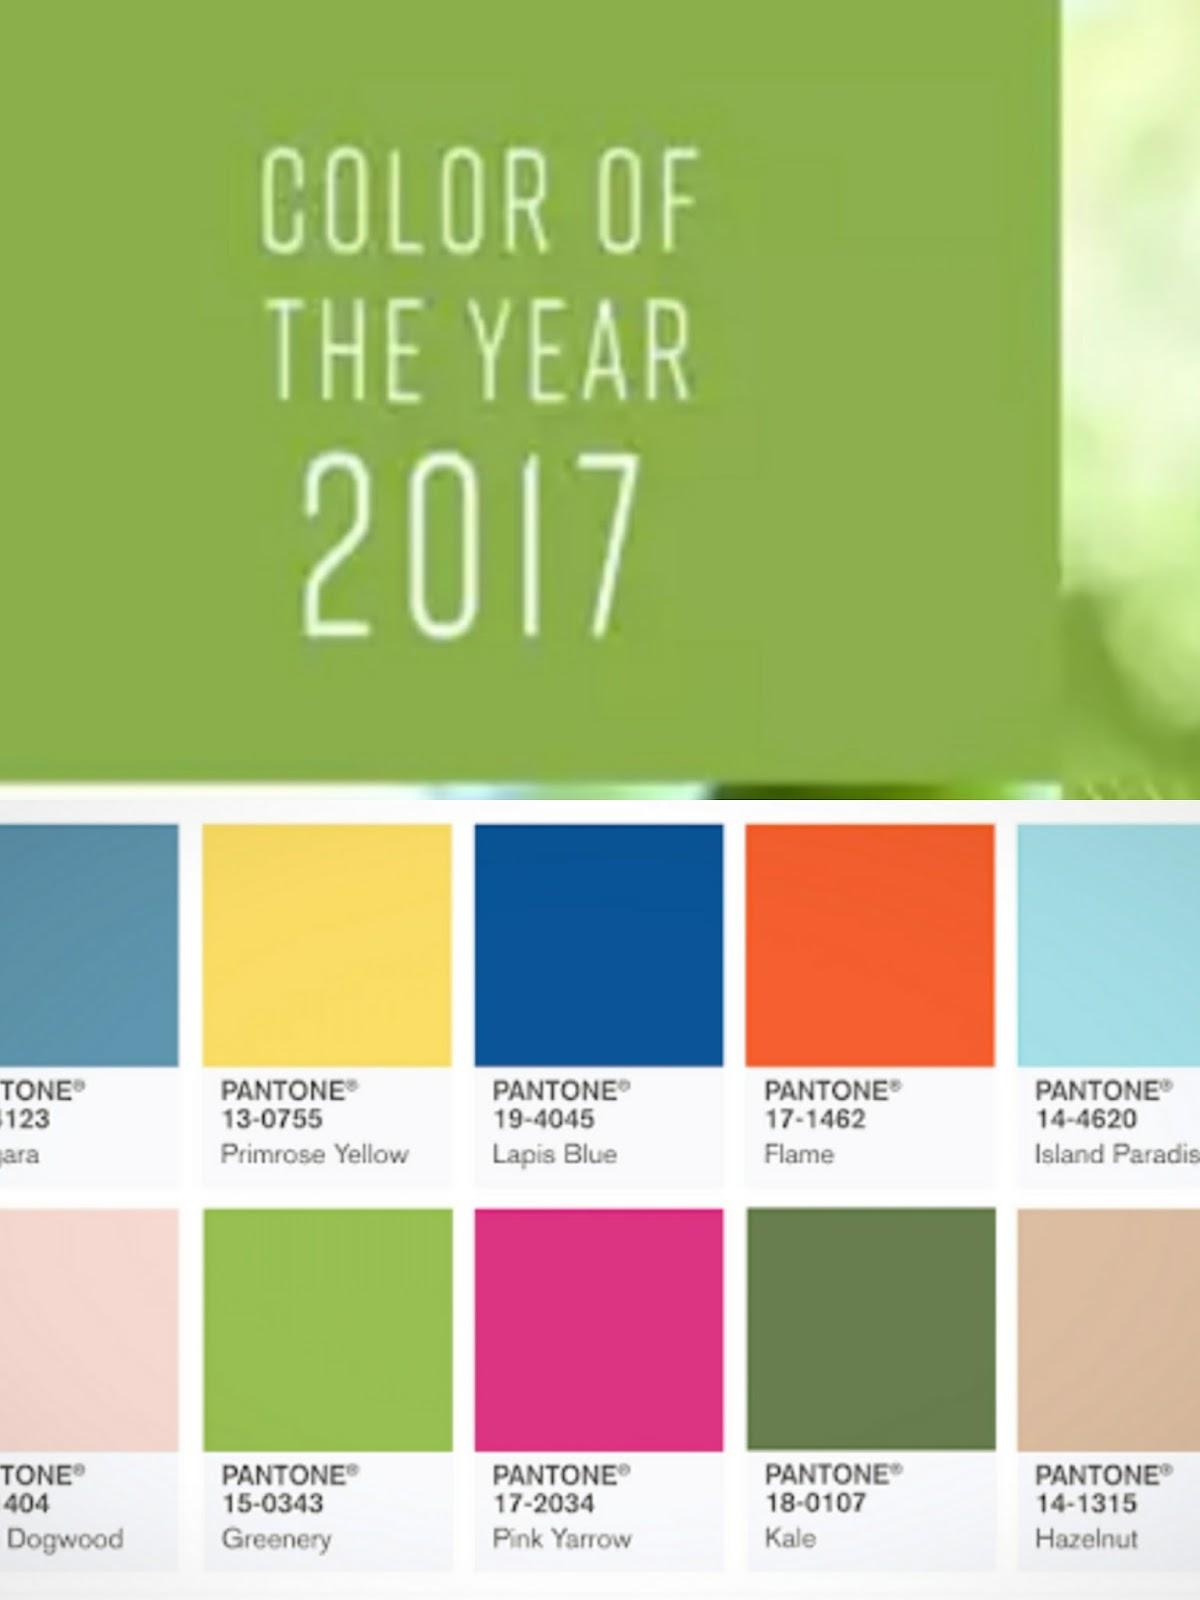 Haspita Hasibuan: Trend Colors in 2017